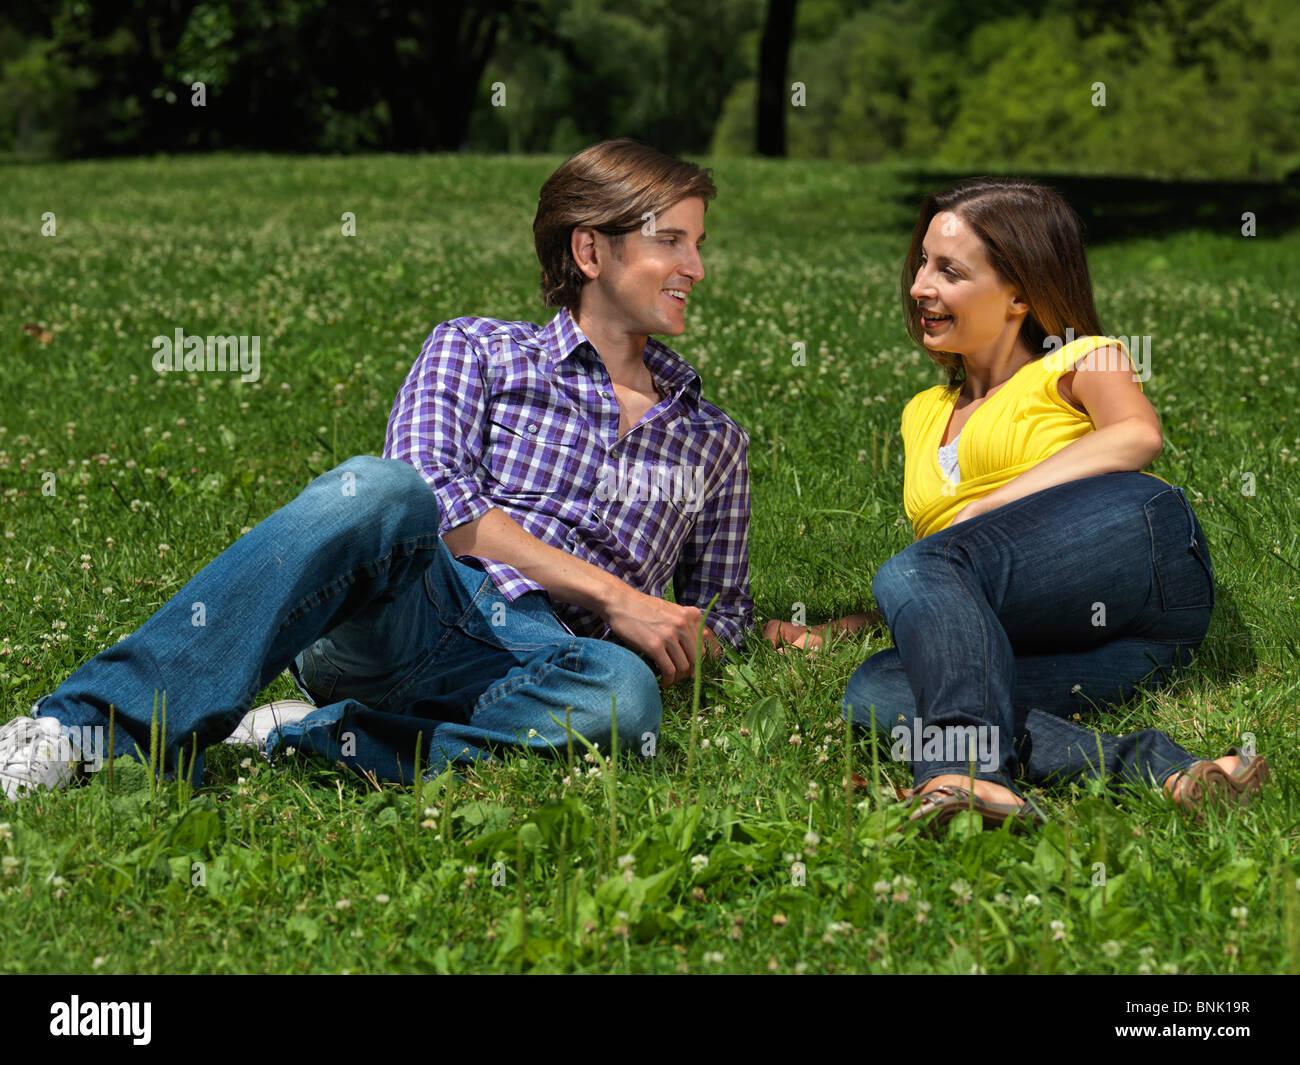 Jeune couple heureux au début de la trentaine lying on grass in a park Photo Stock